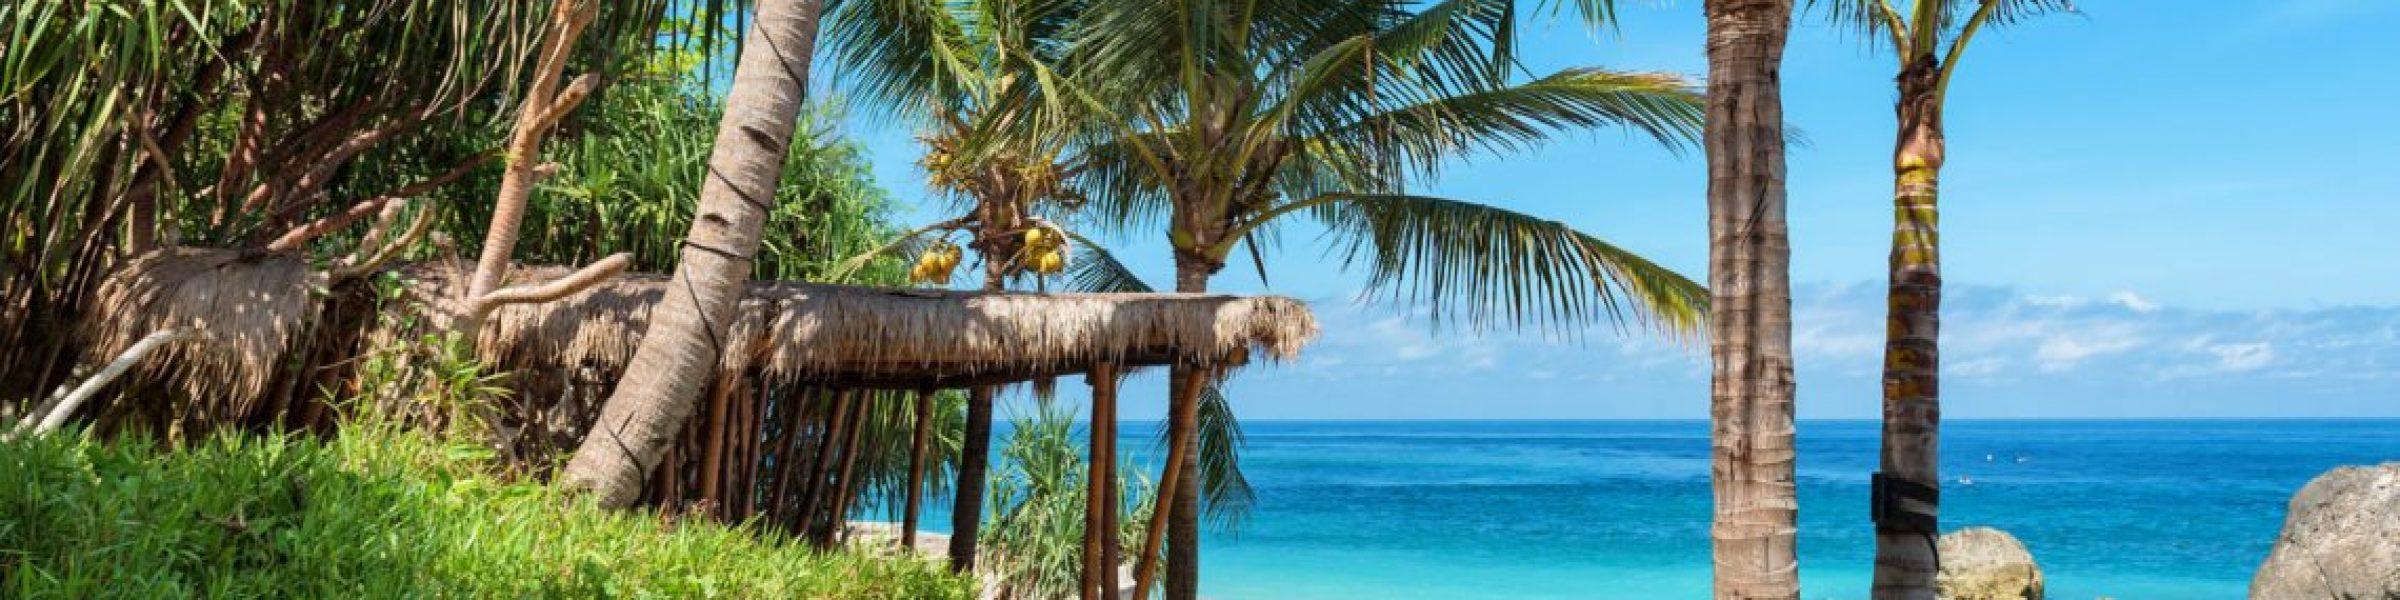 nihiwatu resort on sumba island